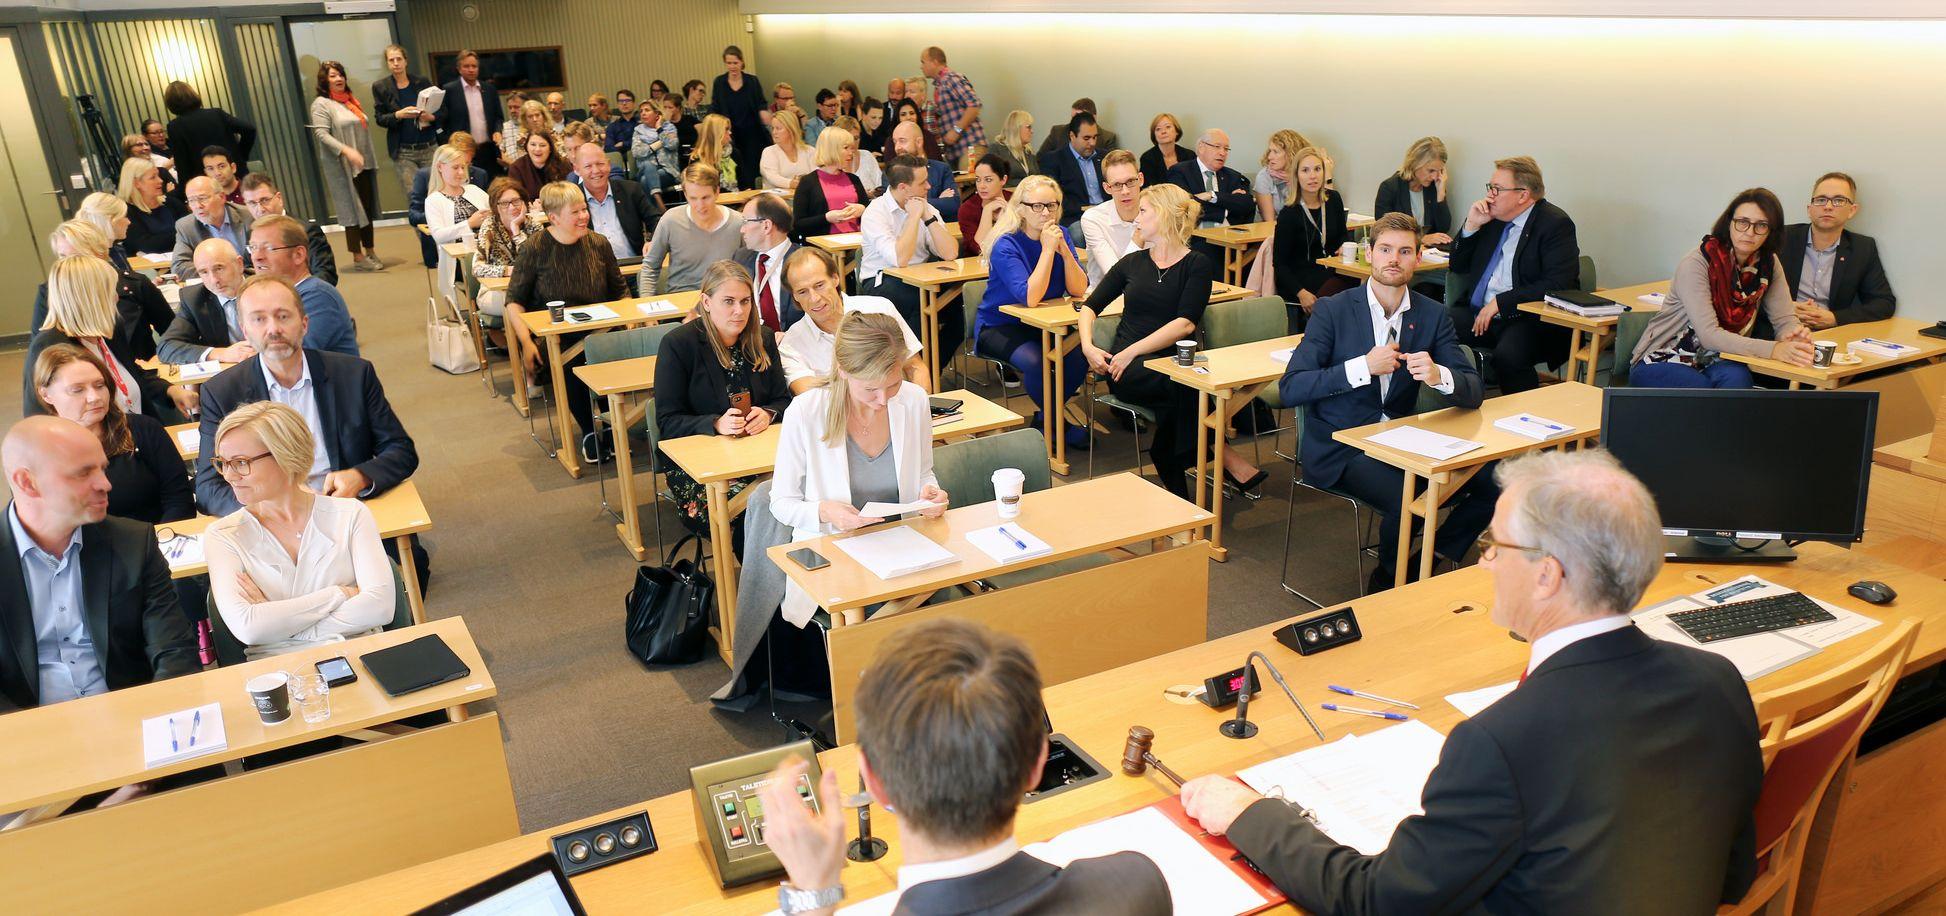 Oversiktsbilde fra gruppemøte 3. oktober 2017. Oversikt over alle de nye stortingsrepresentantene i Arbeiderpartiet.